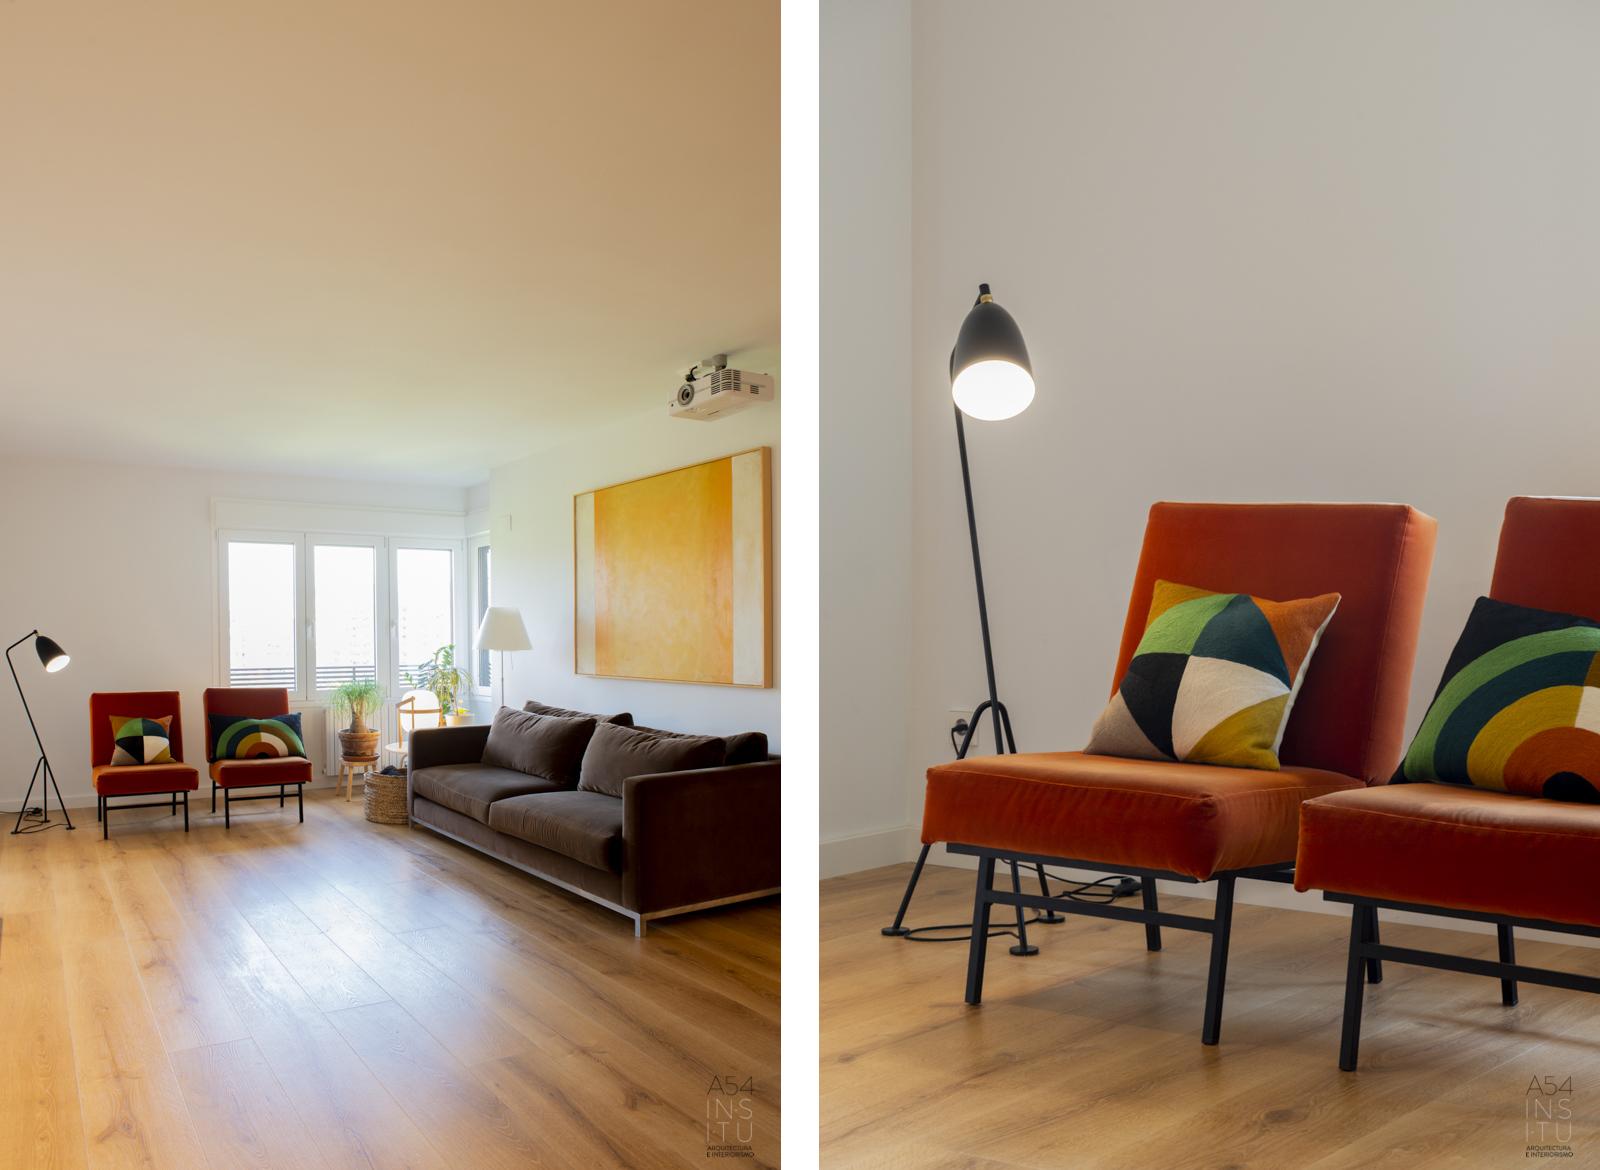 reforma integral en Zaragoza llaves en mano A54insitu arquitectura y diseño zaragoza